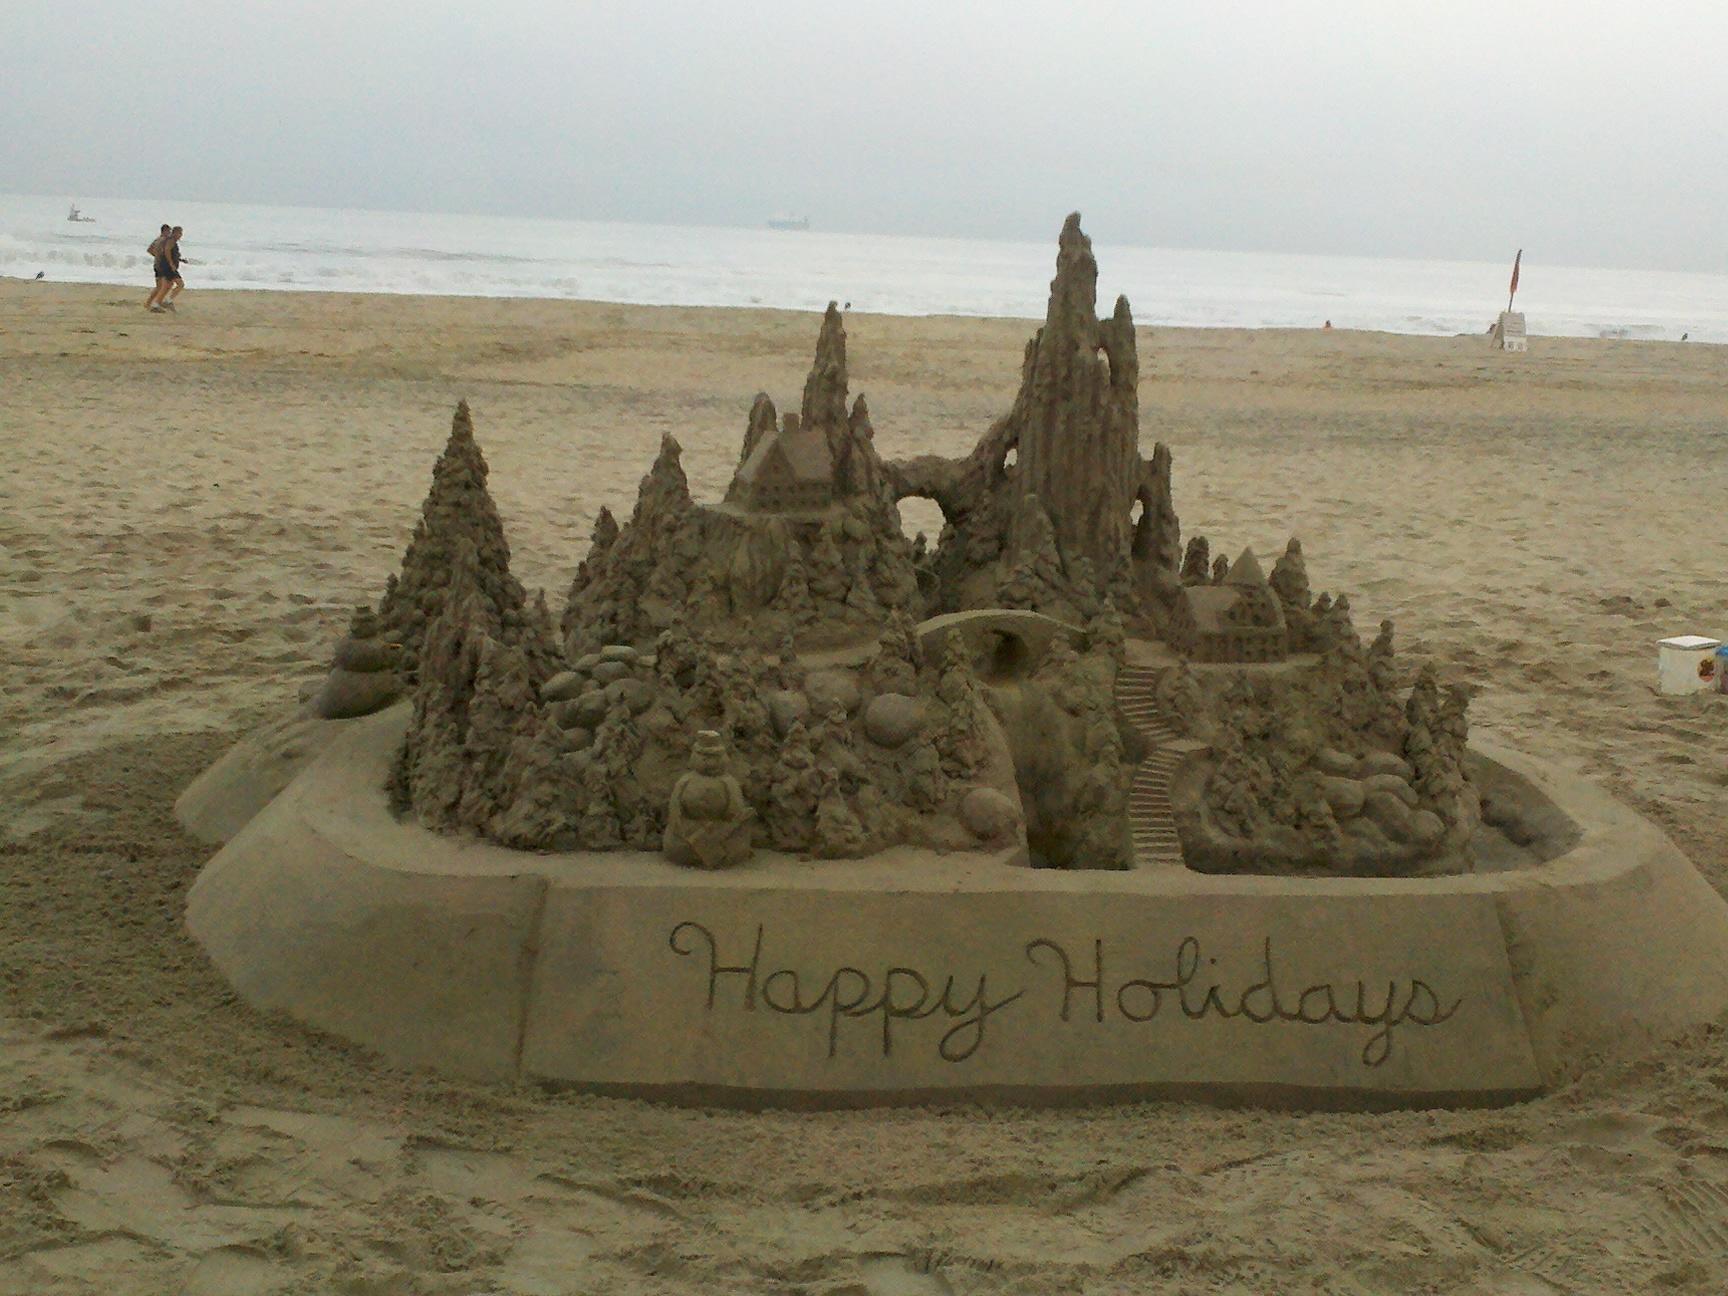 SD_Coronodo Beach_Sand Sculpture_Nov_30_2012